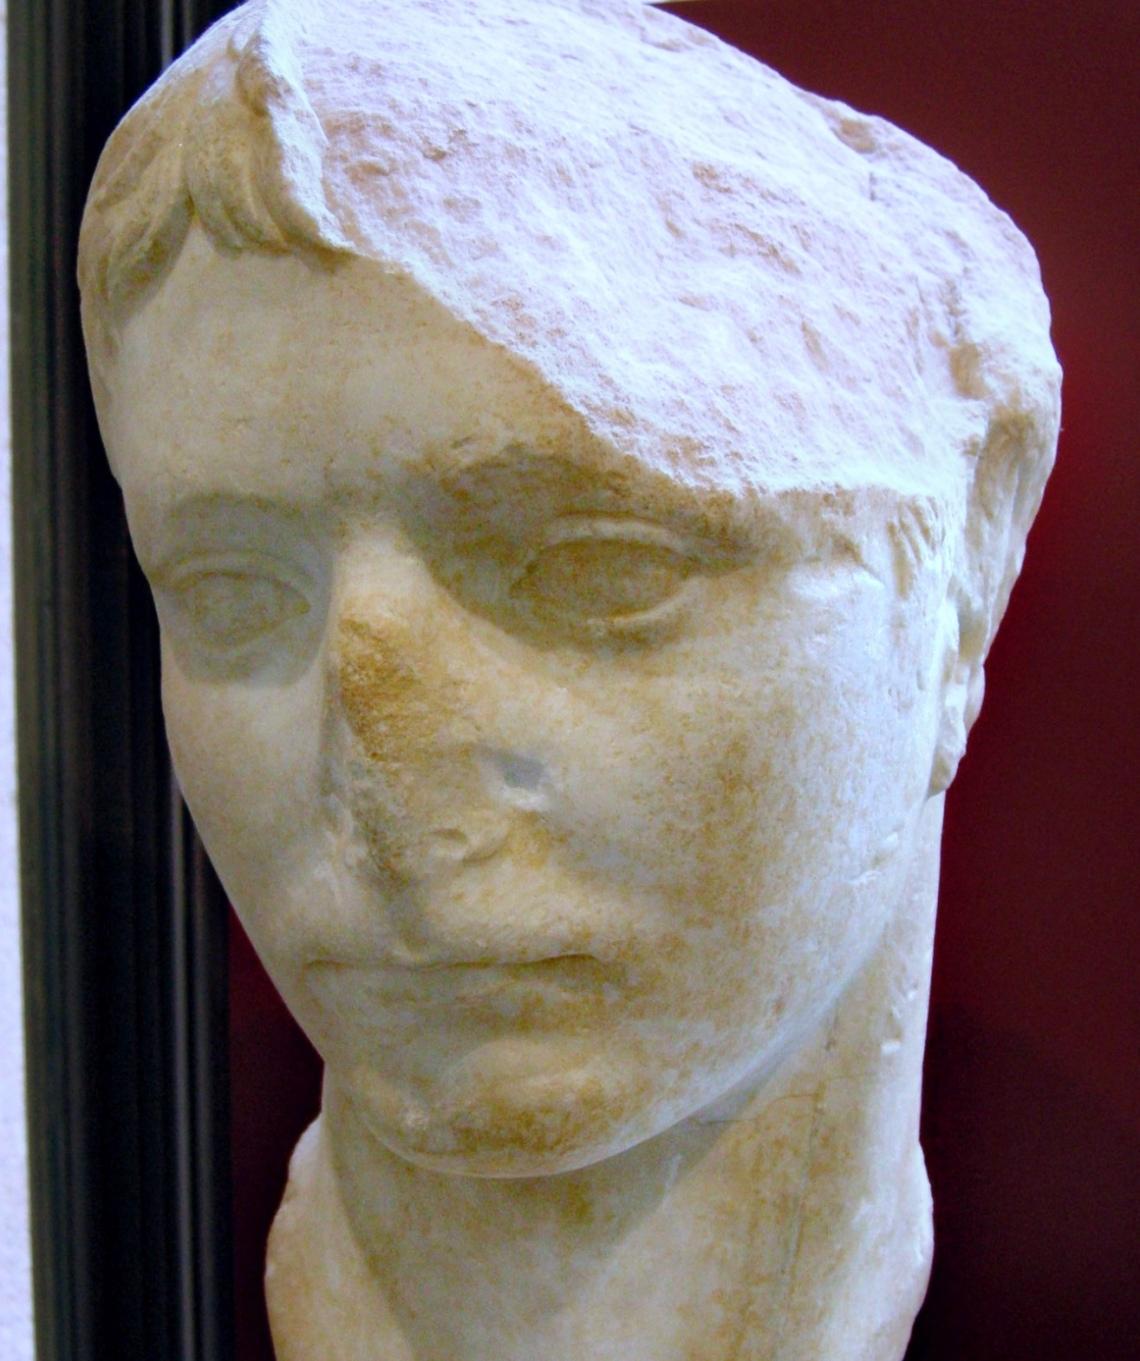 Ritratto di Agrippa Postumo fonte Wikipedia